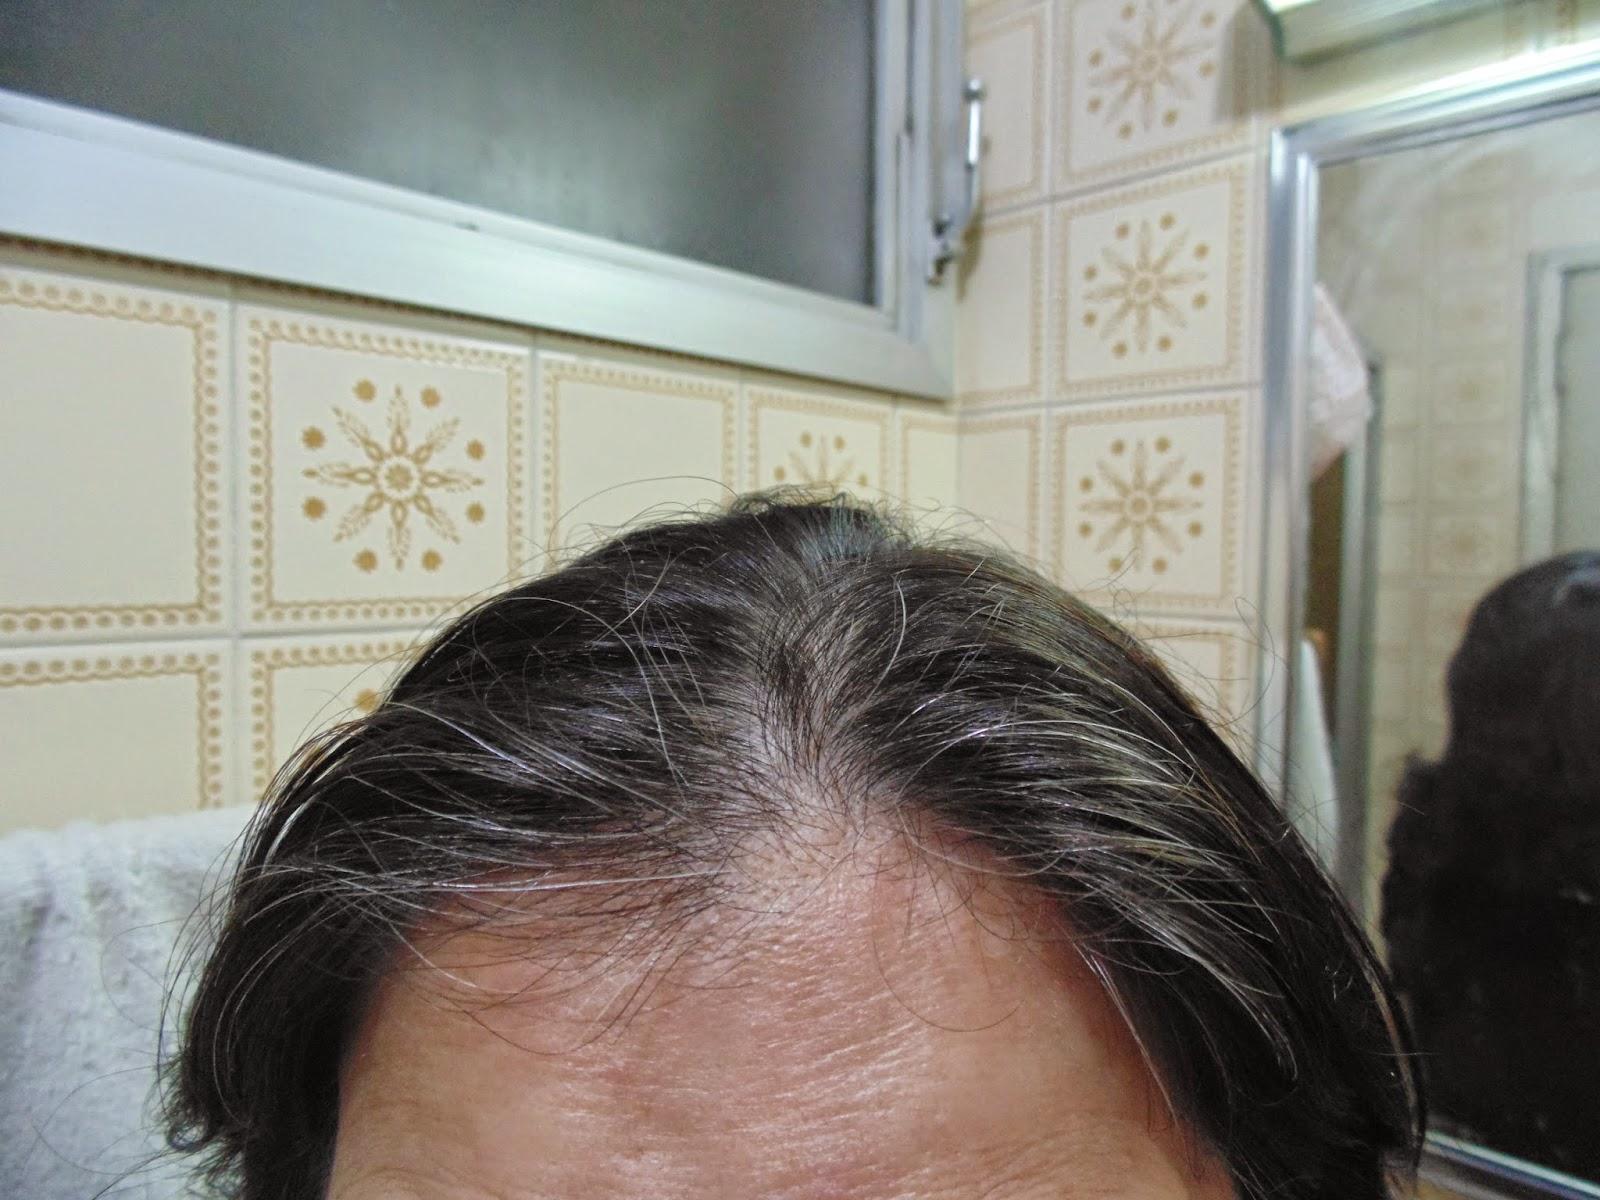 Teñir el pelo, Loreal paris, Cabellos negros, Revheim Consejos, Funciona